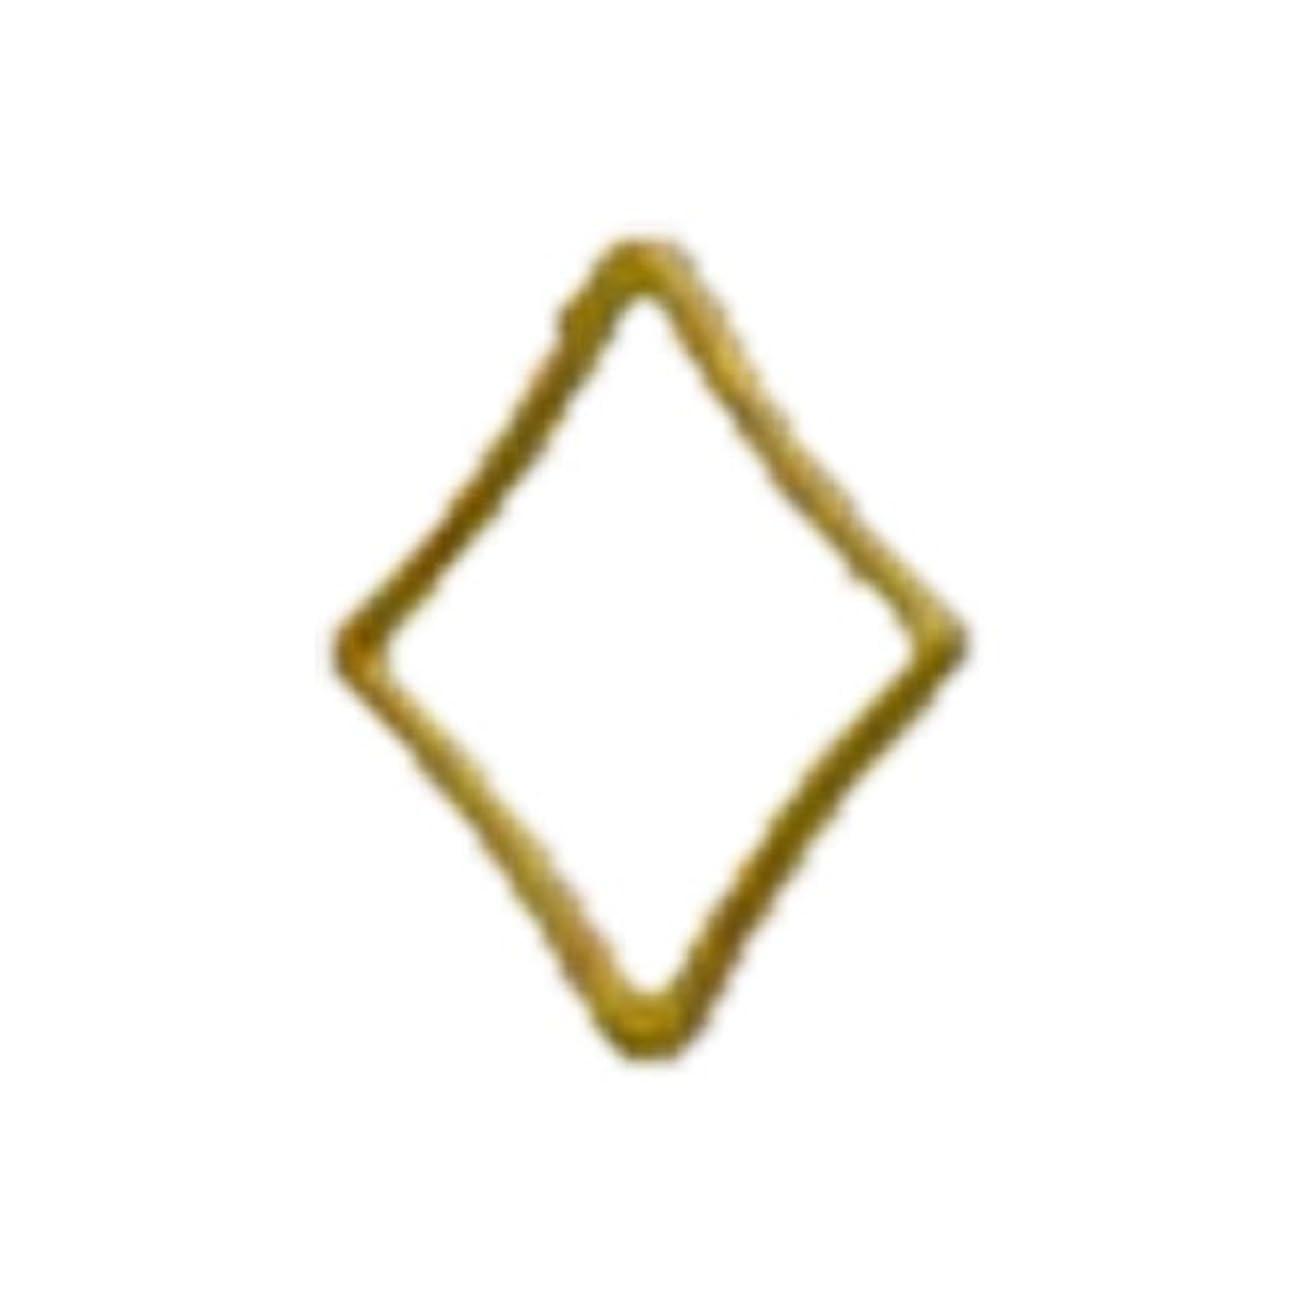 犠牲テクニカル強度リトルプリティー ネイルアートパーツ キラキラ 3S ゴールド 20個